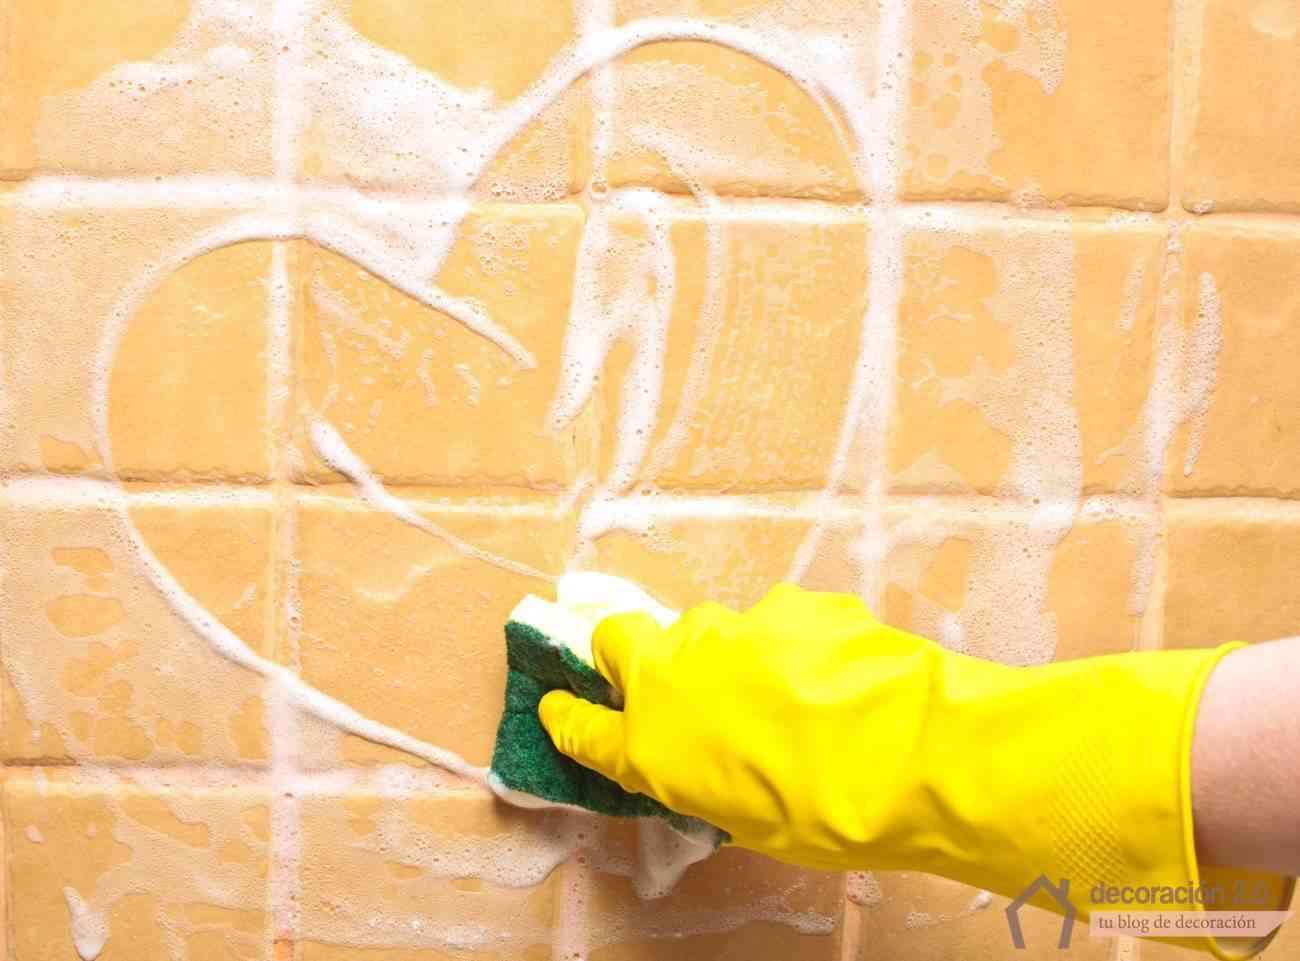 Ideas para limpiar las juntas de los azulejos - Limpiar las juntas de los azulejos ...